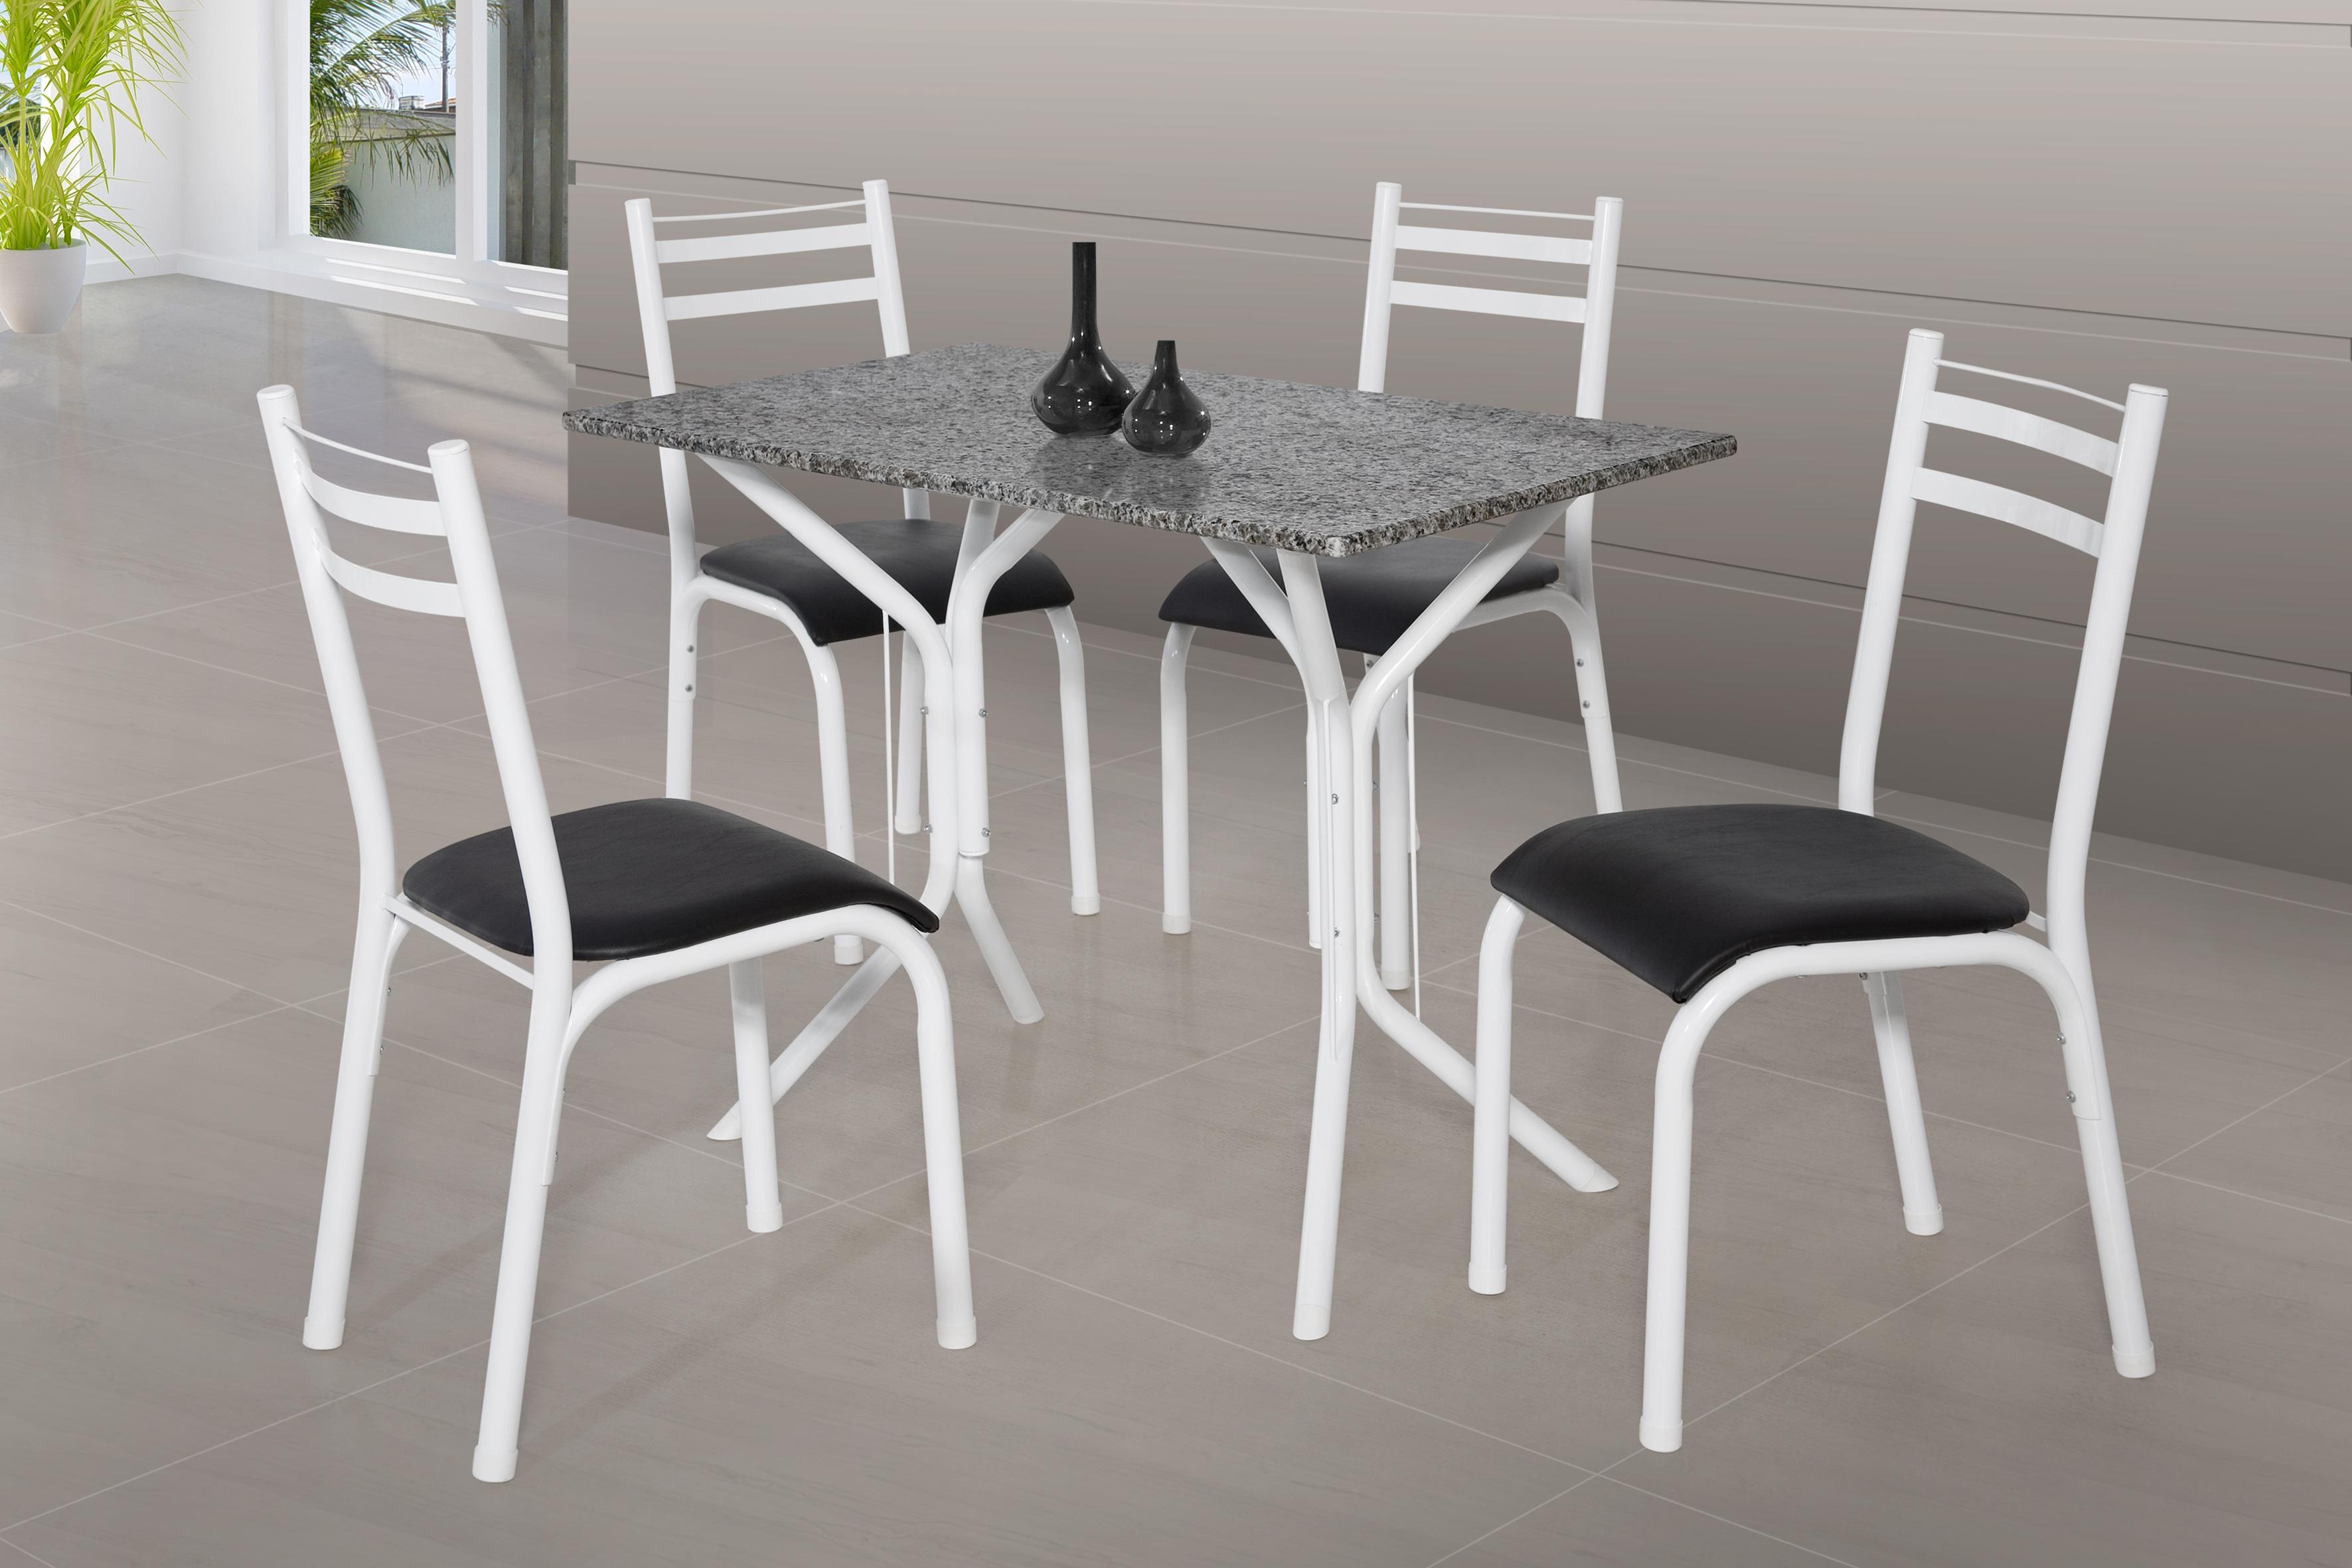 Cadeiras Para Cozinha Modernas Cadeiras Para Cozinha Modernas